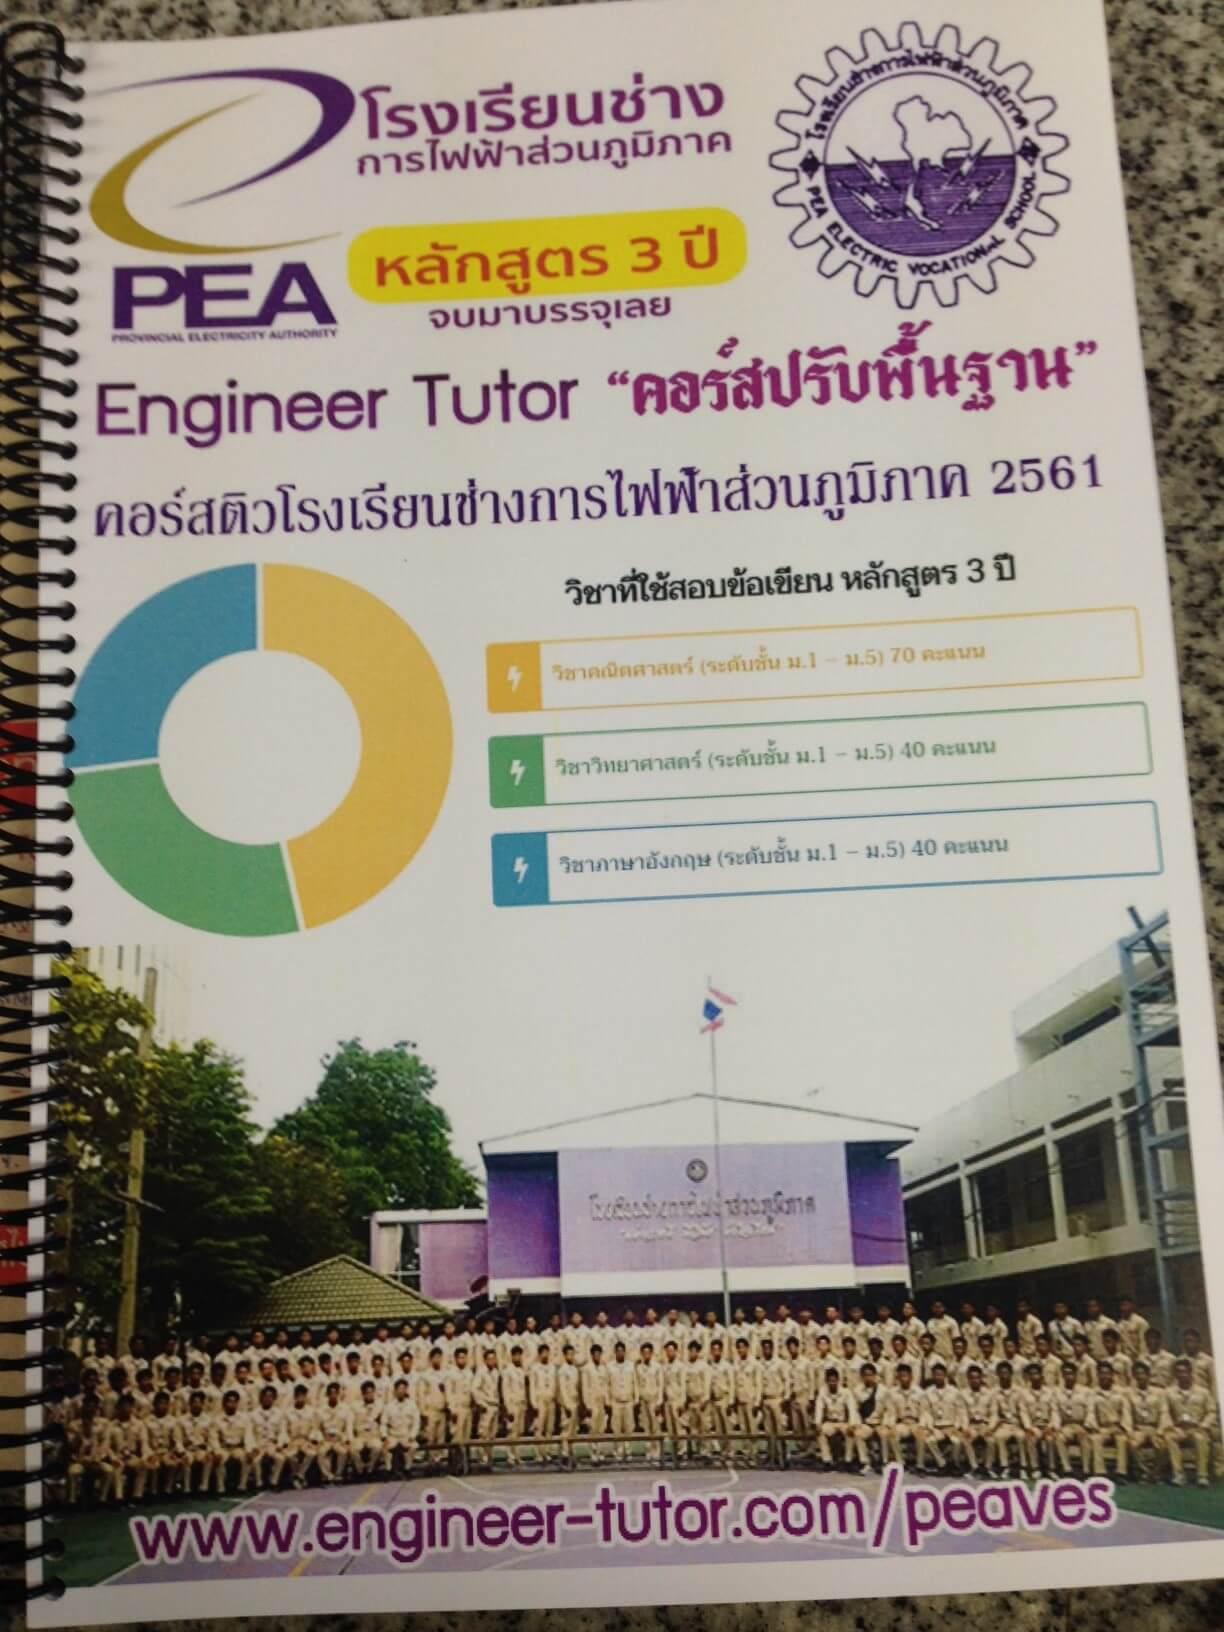 หนังสือติวสอบโรงเรียนช่างการไฟฟ้าส่วนภูมิภาค